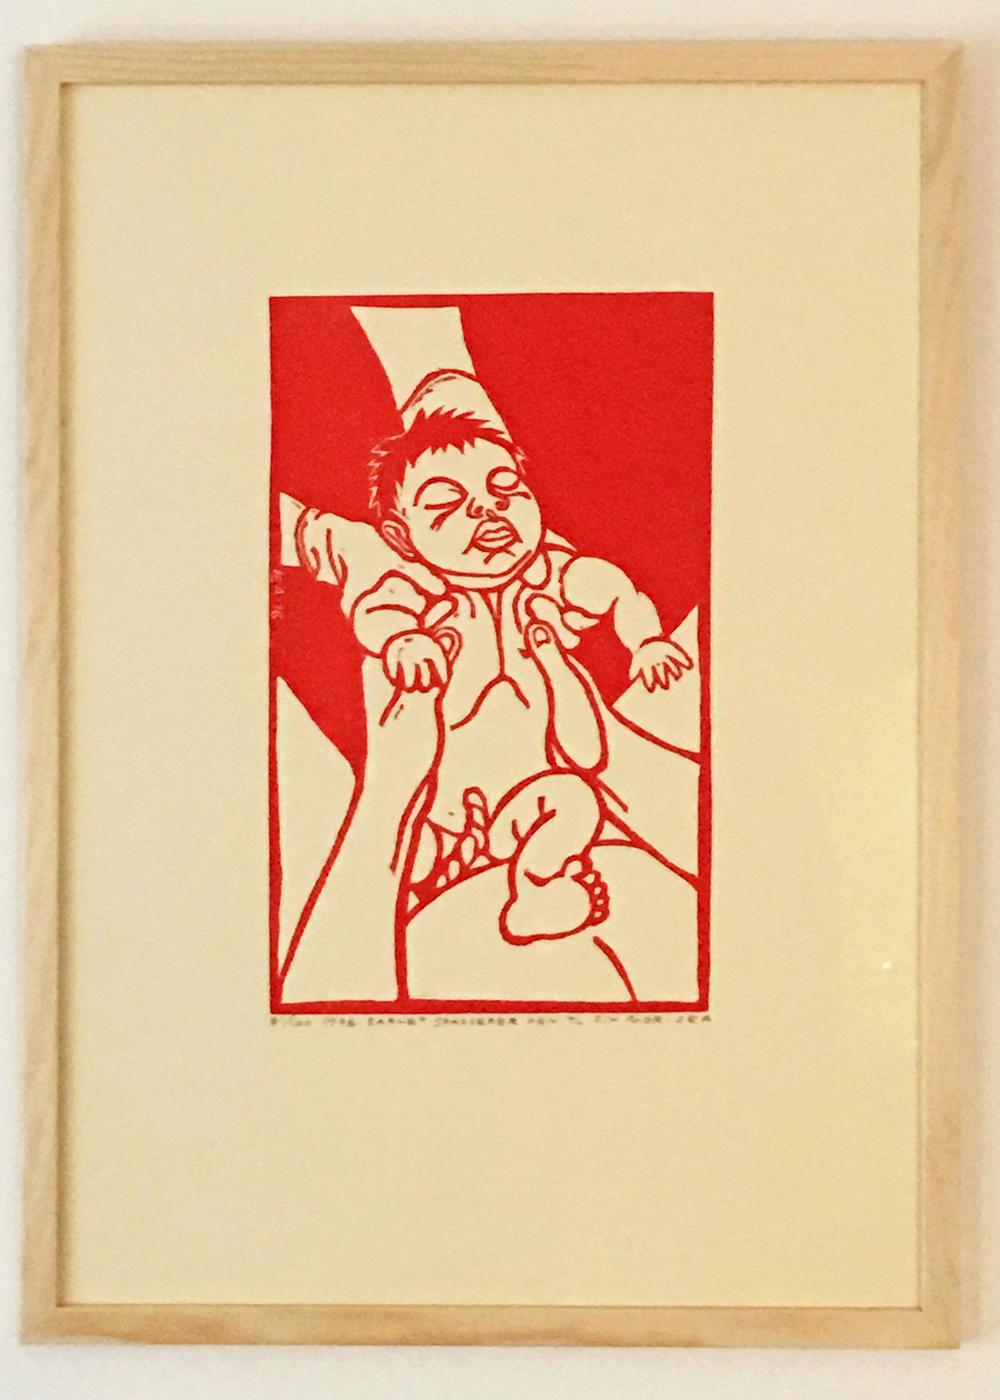 """Dea Trier Mørch """"Barnet spadserer hen til mor"""", 1976"""